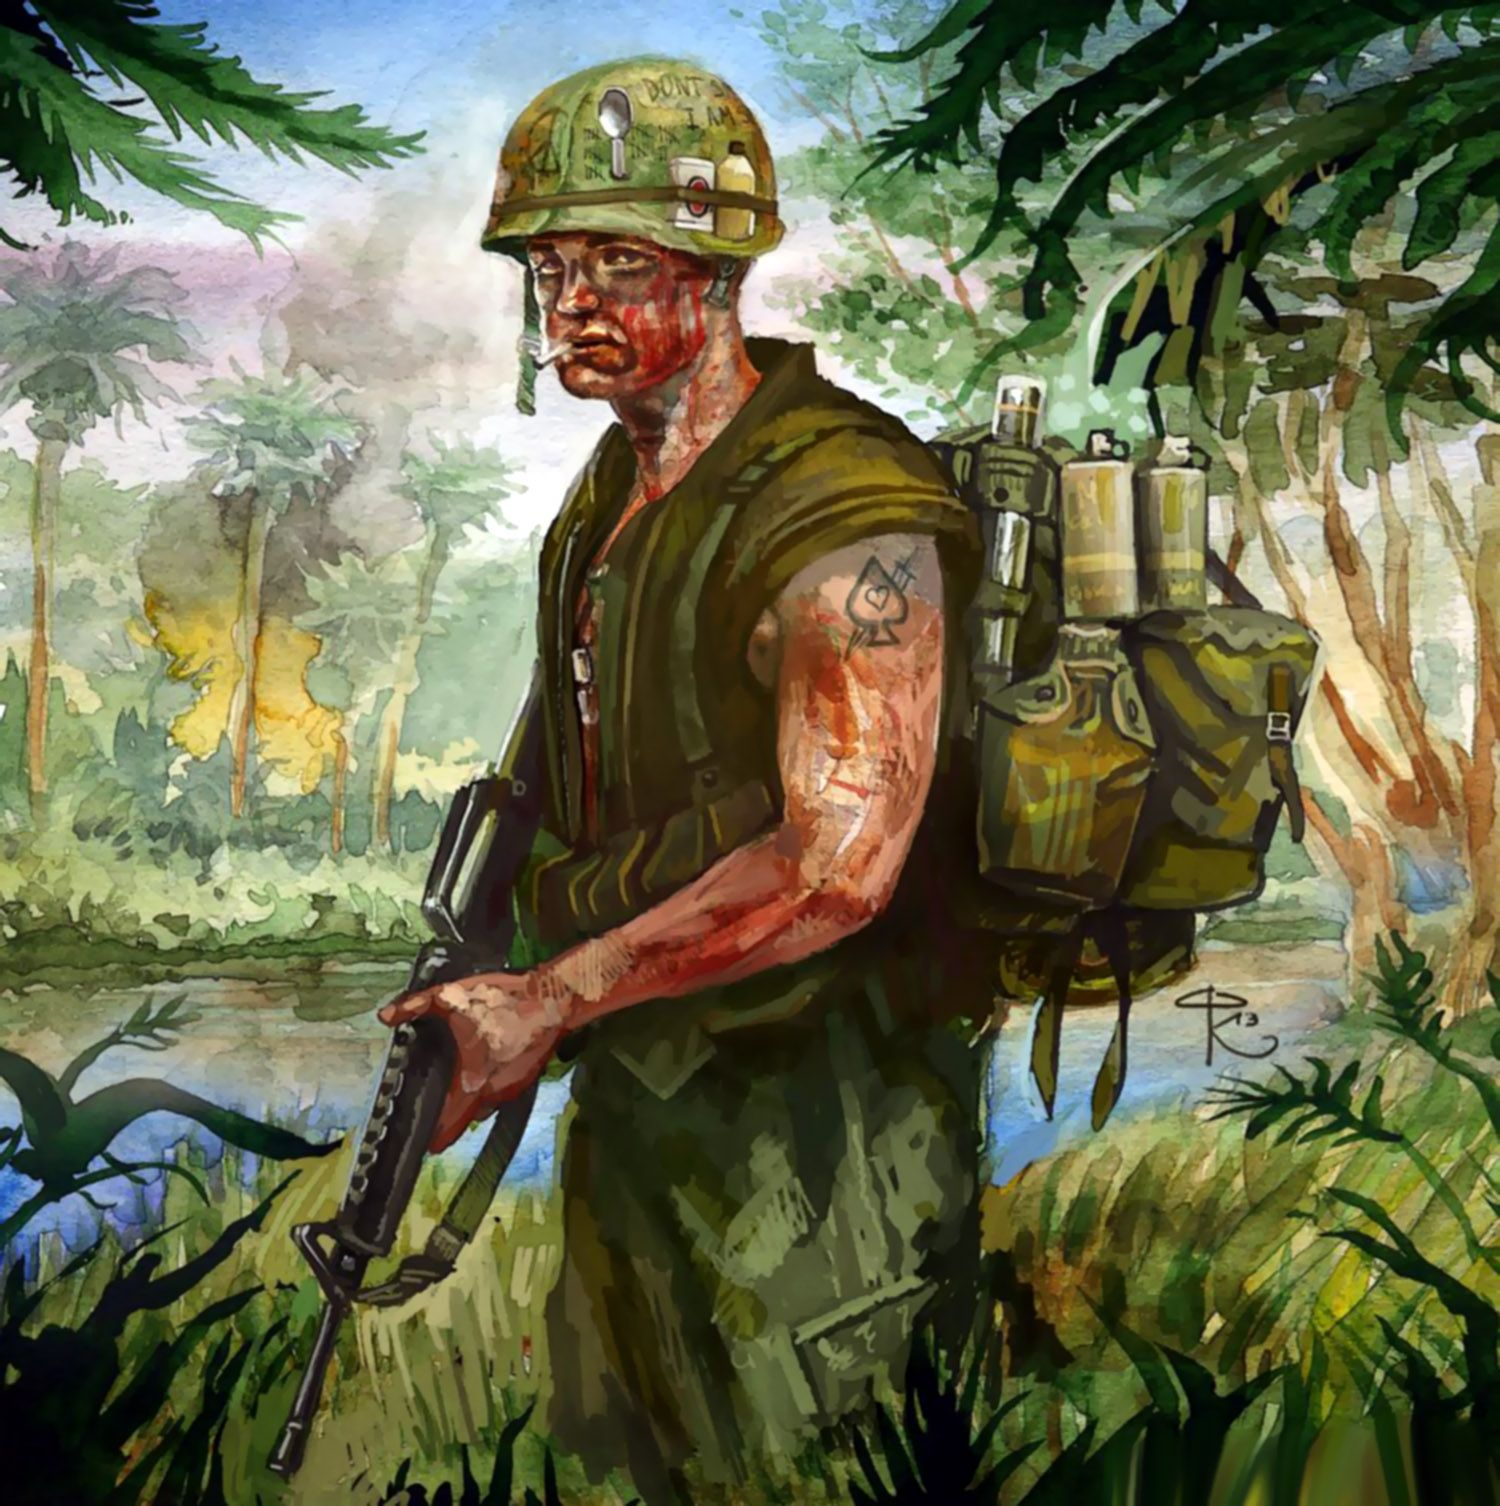 Us Troop In Vietnam Vietnam War Art Pinterest